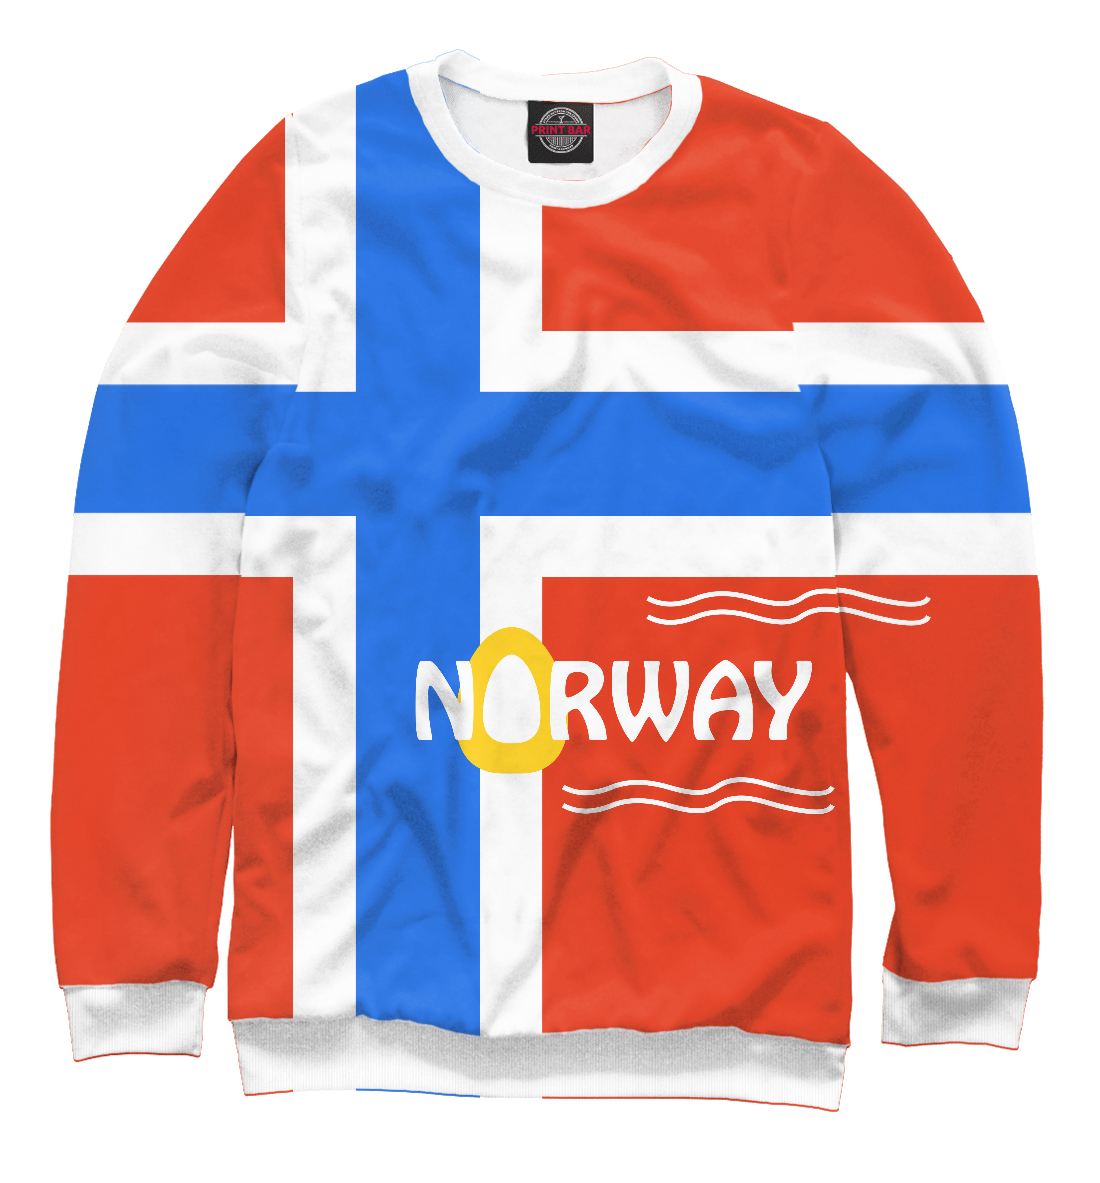 Купить Норвегия, Printbar, Свитшоты, CTS-292150-swi-1